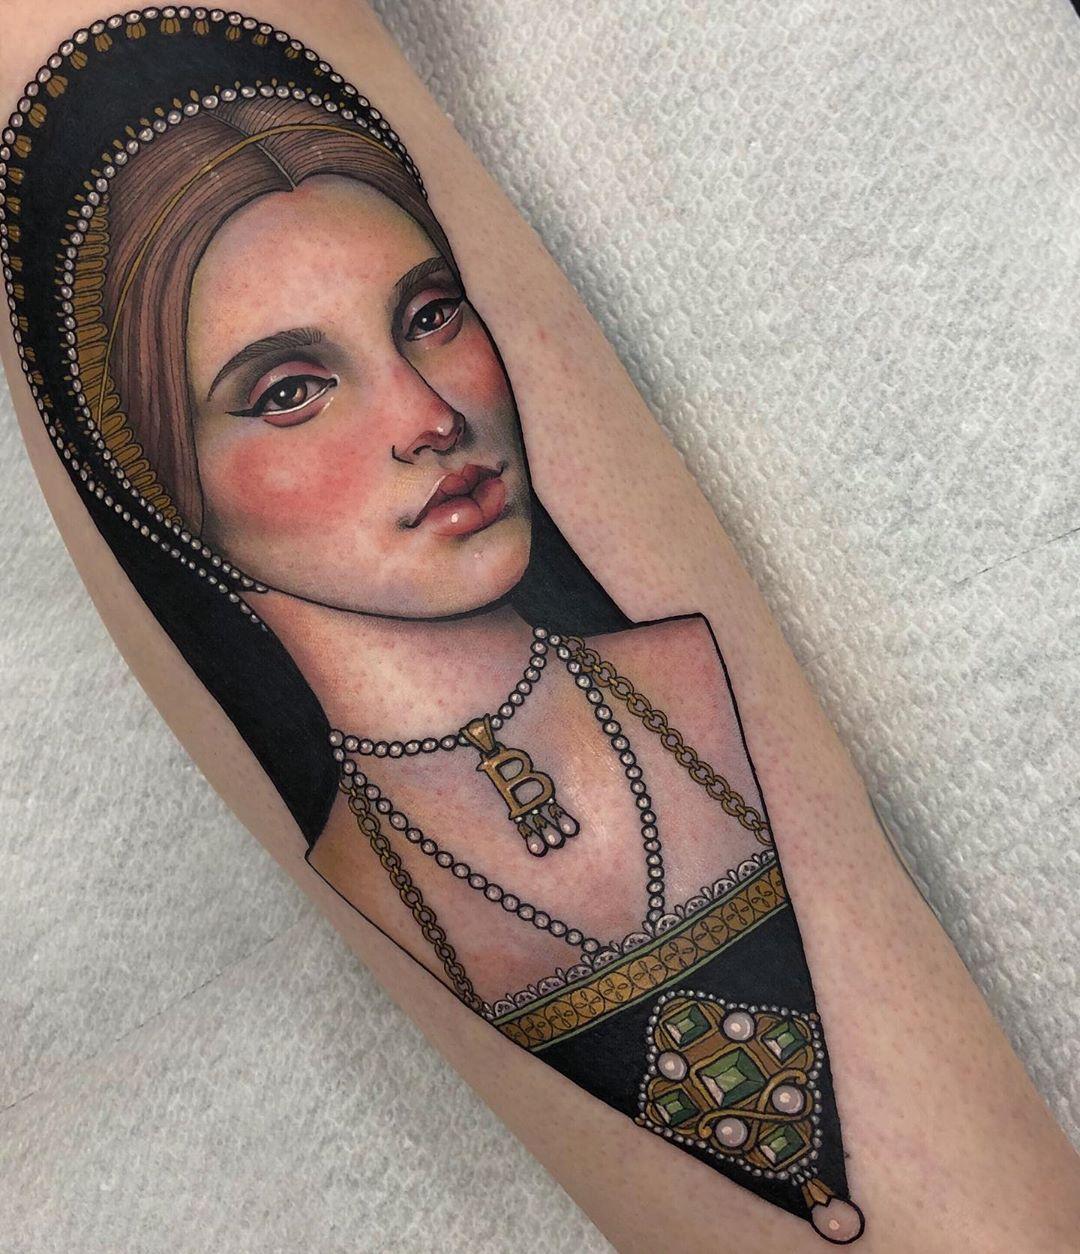 Anne boleyn for heather elegant tattoos body art